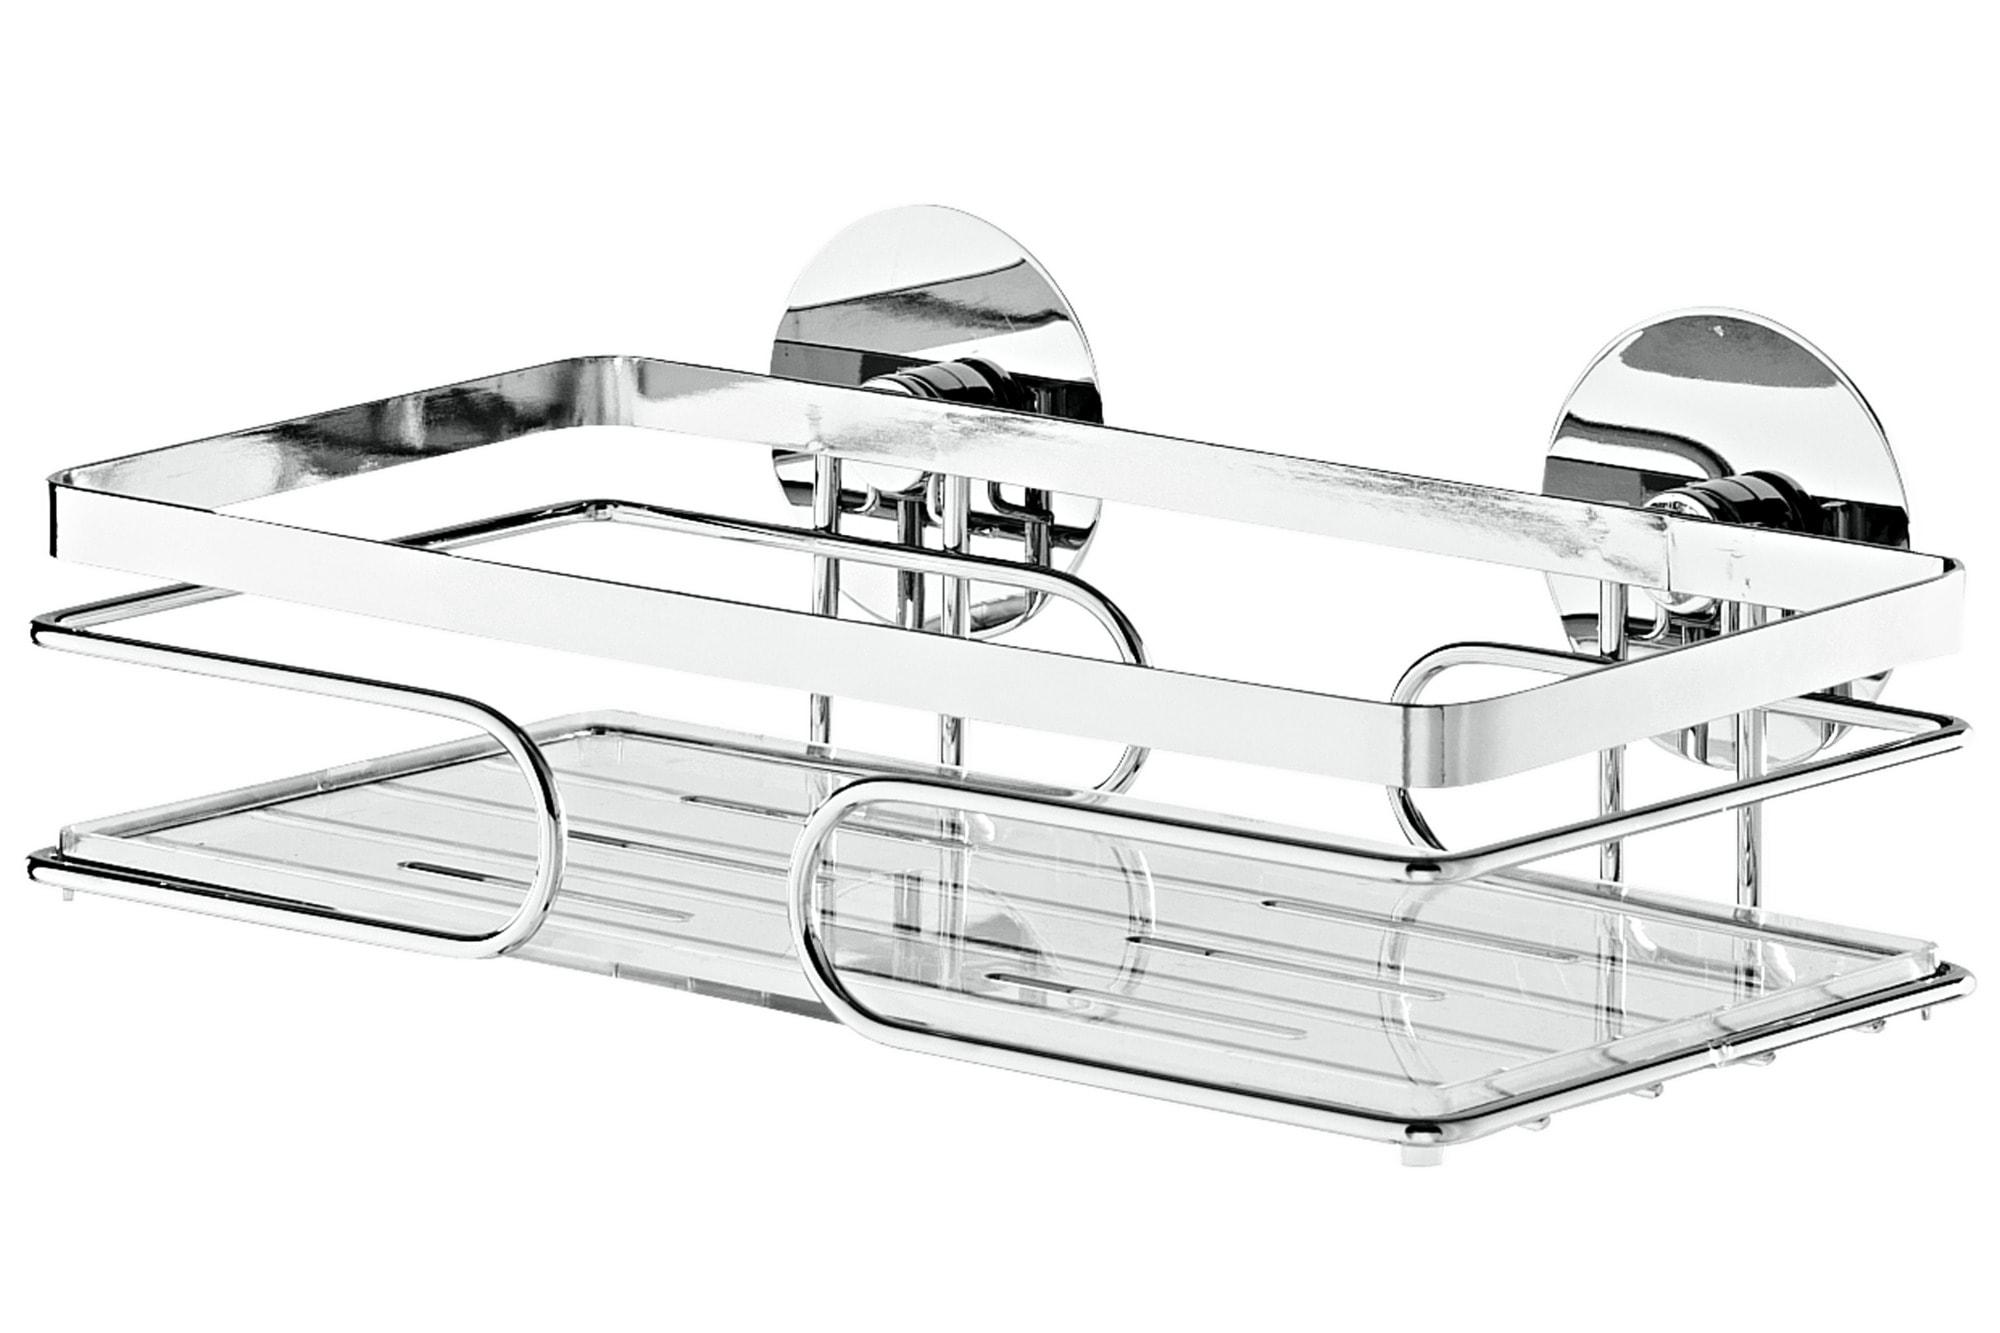 heine home Wandablage mit transparentem herausnehmbarem Einlegeboden Technik & Freizeit/Heimwerken & Garten/Bad & Sanitär/Duschen/Duschzubehör